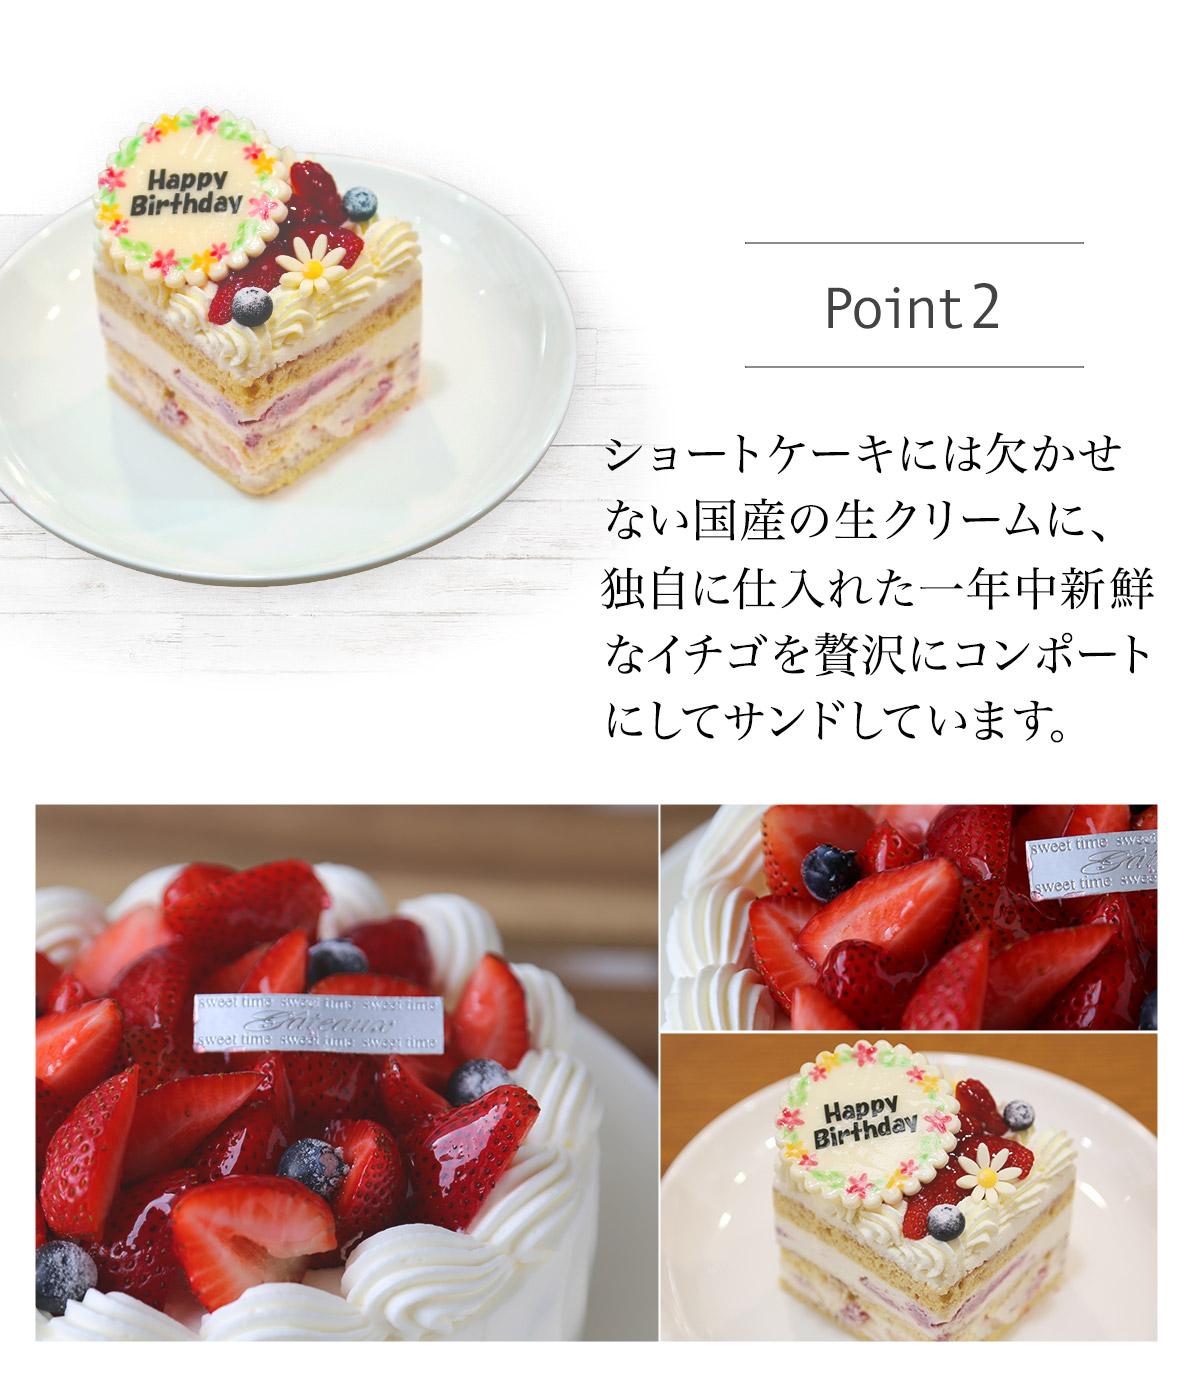 【3号】イチゴいっぱいショートケーキ|1人でも楽しめるショートケーキ【配送専用】